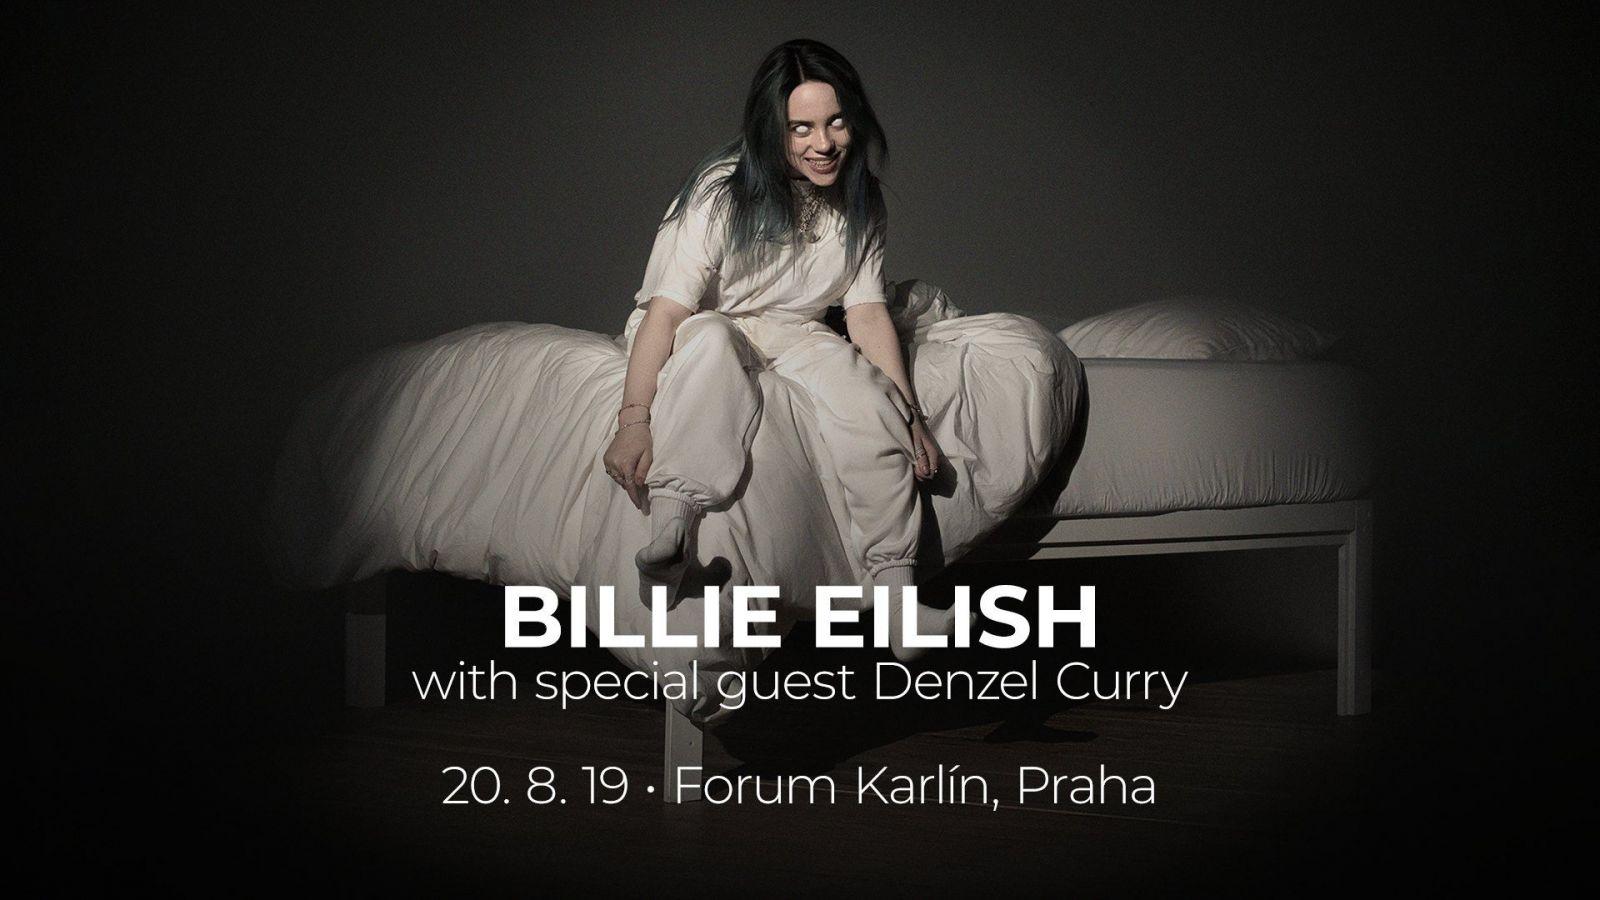 Vstupenky na pražský koncert Billie Eilish sa vypredali za pár minút. Uvažuje sa o presune do väčších priestorov